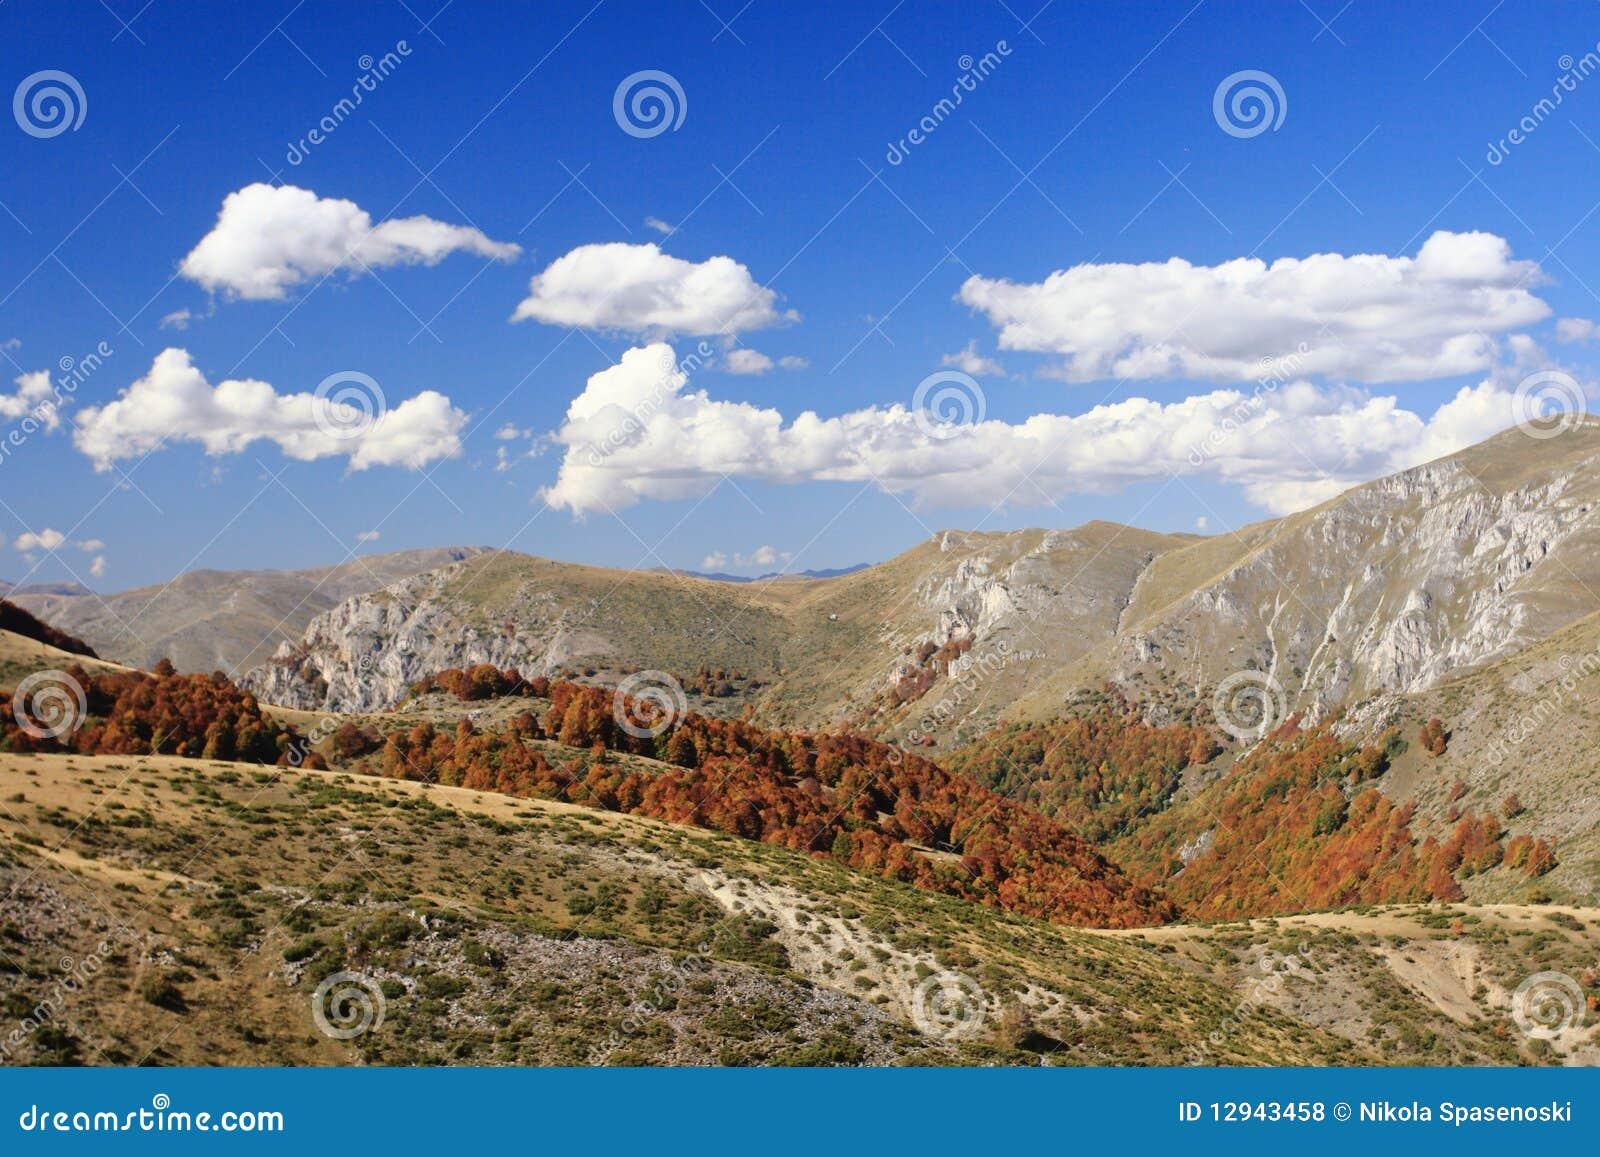 macedonian landscape - photo #23